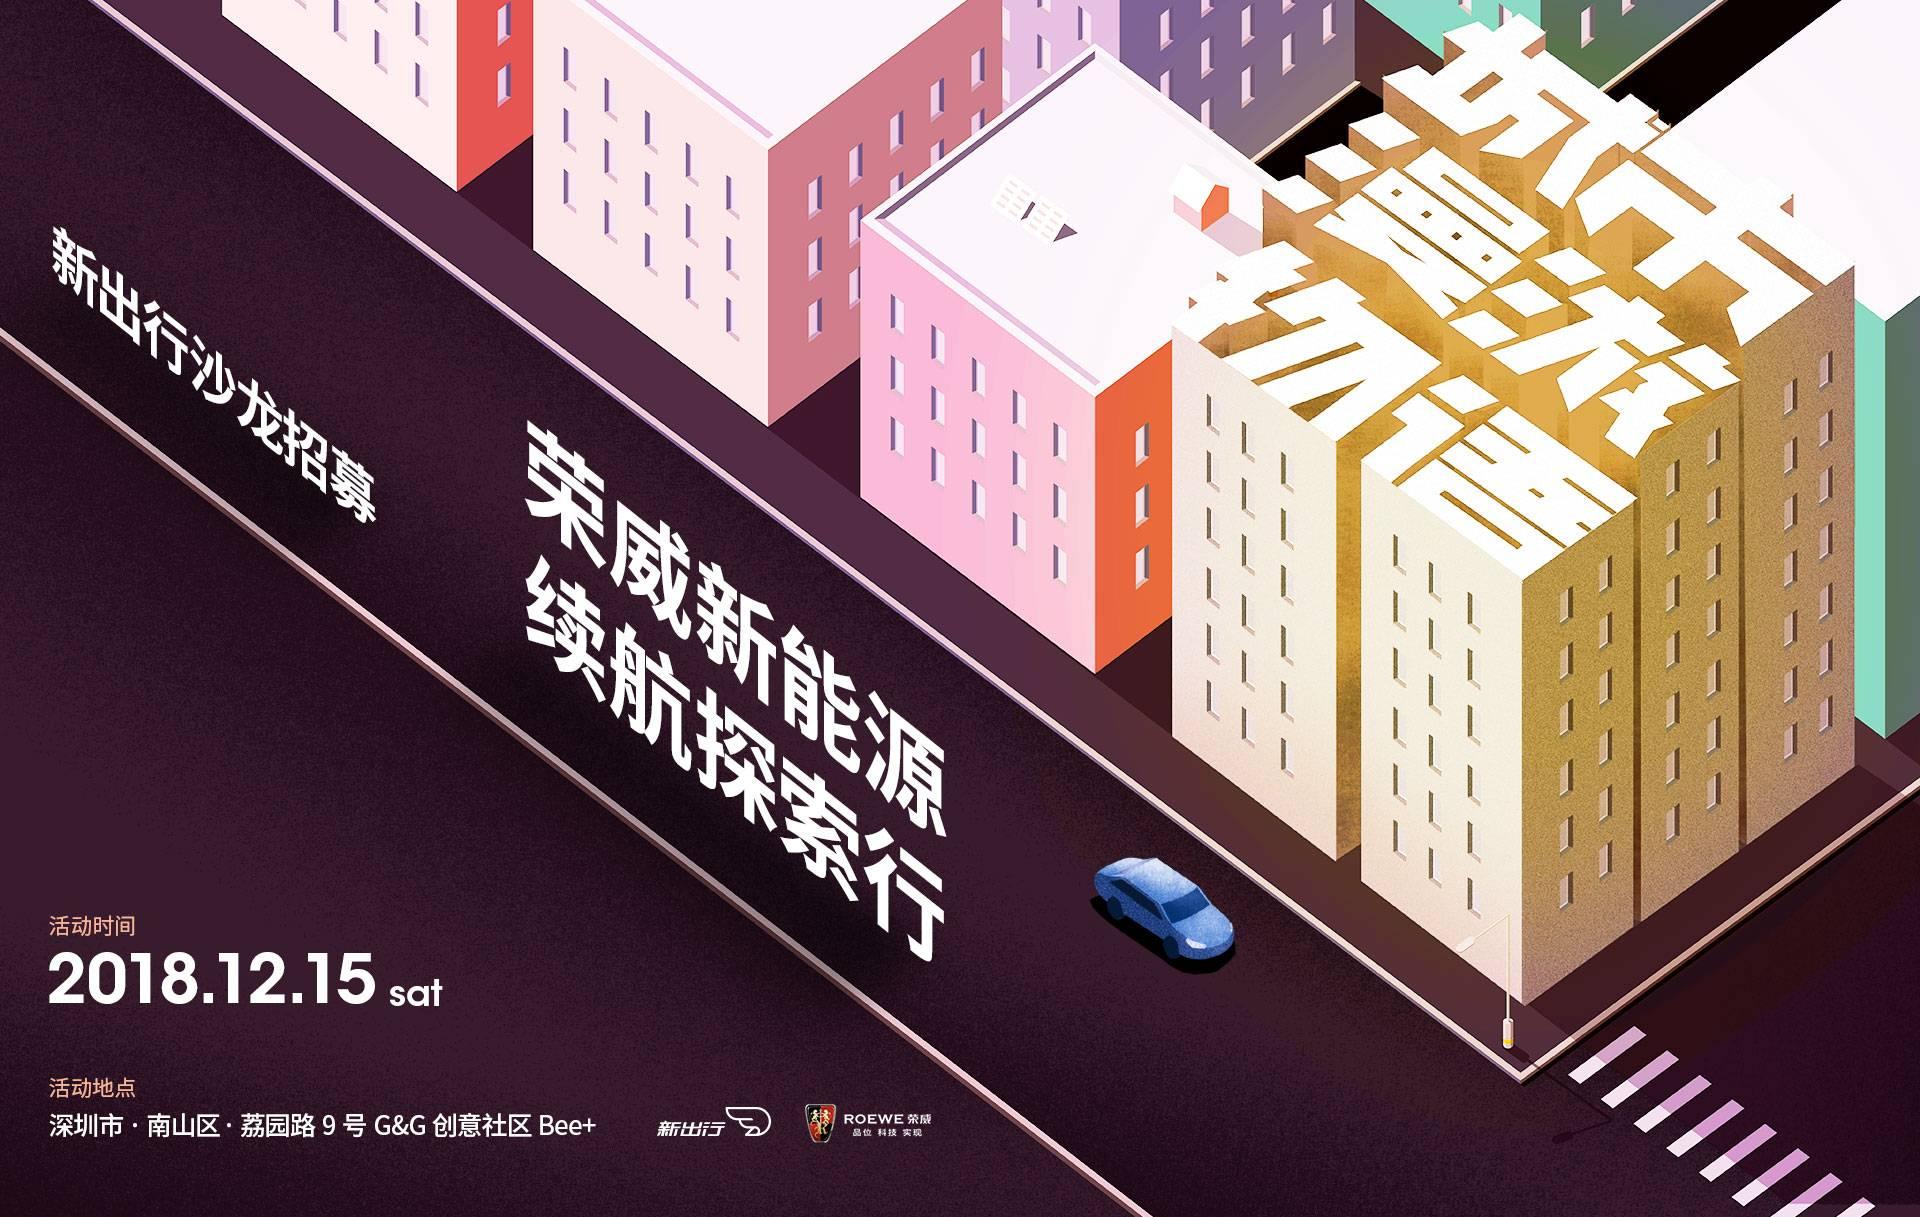 沙龙招募 | 荣威新能源续航城市漫游探索行